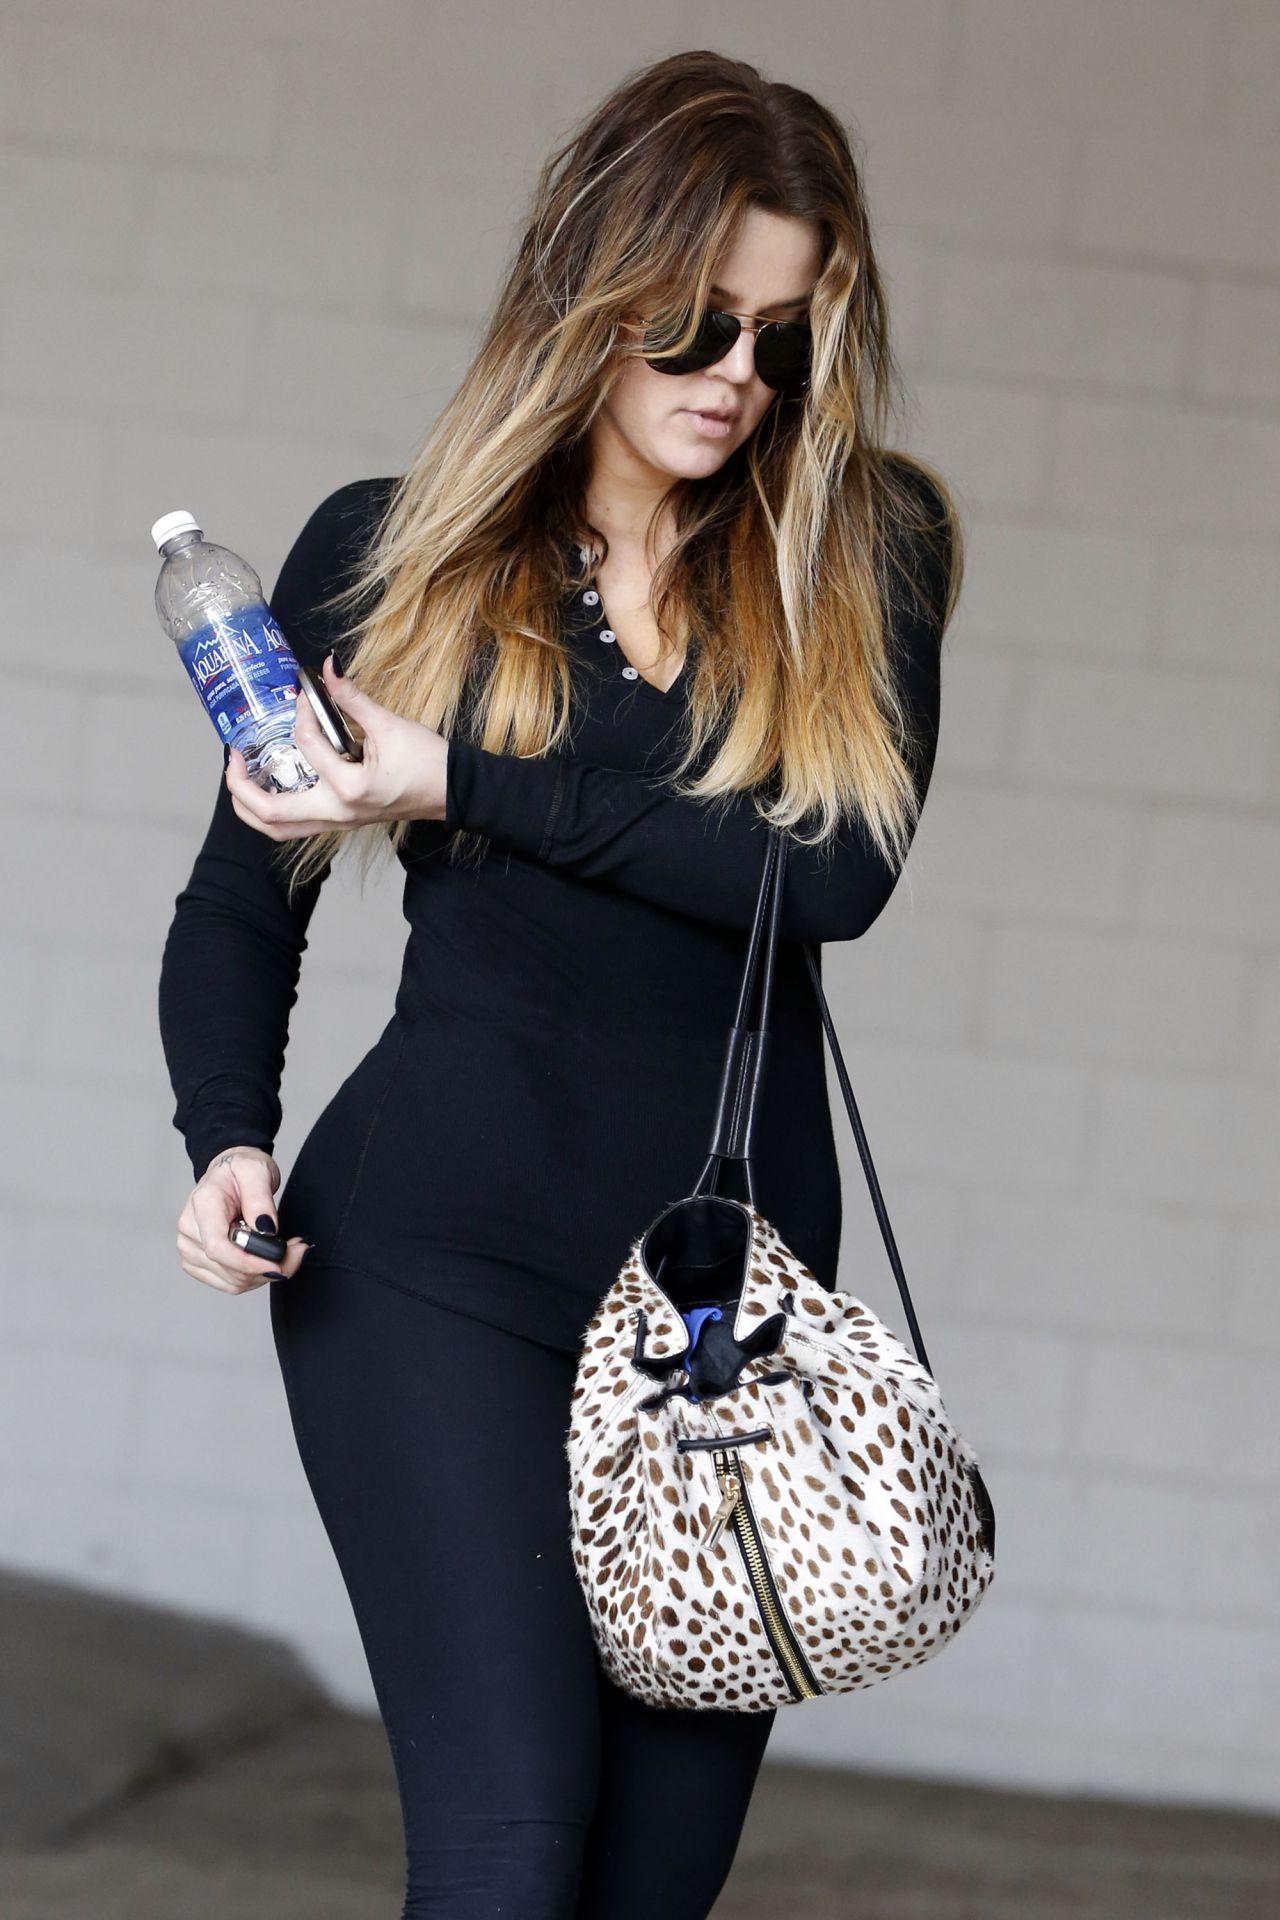 Khloe Kardashian 2014 Style Khloe kardashi.